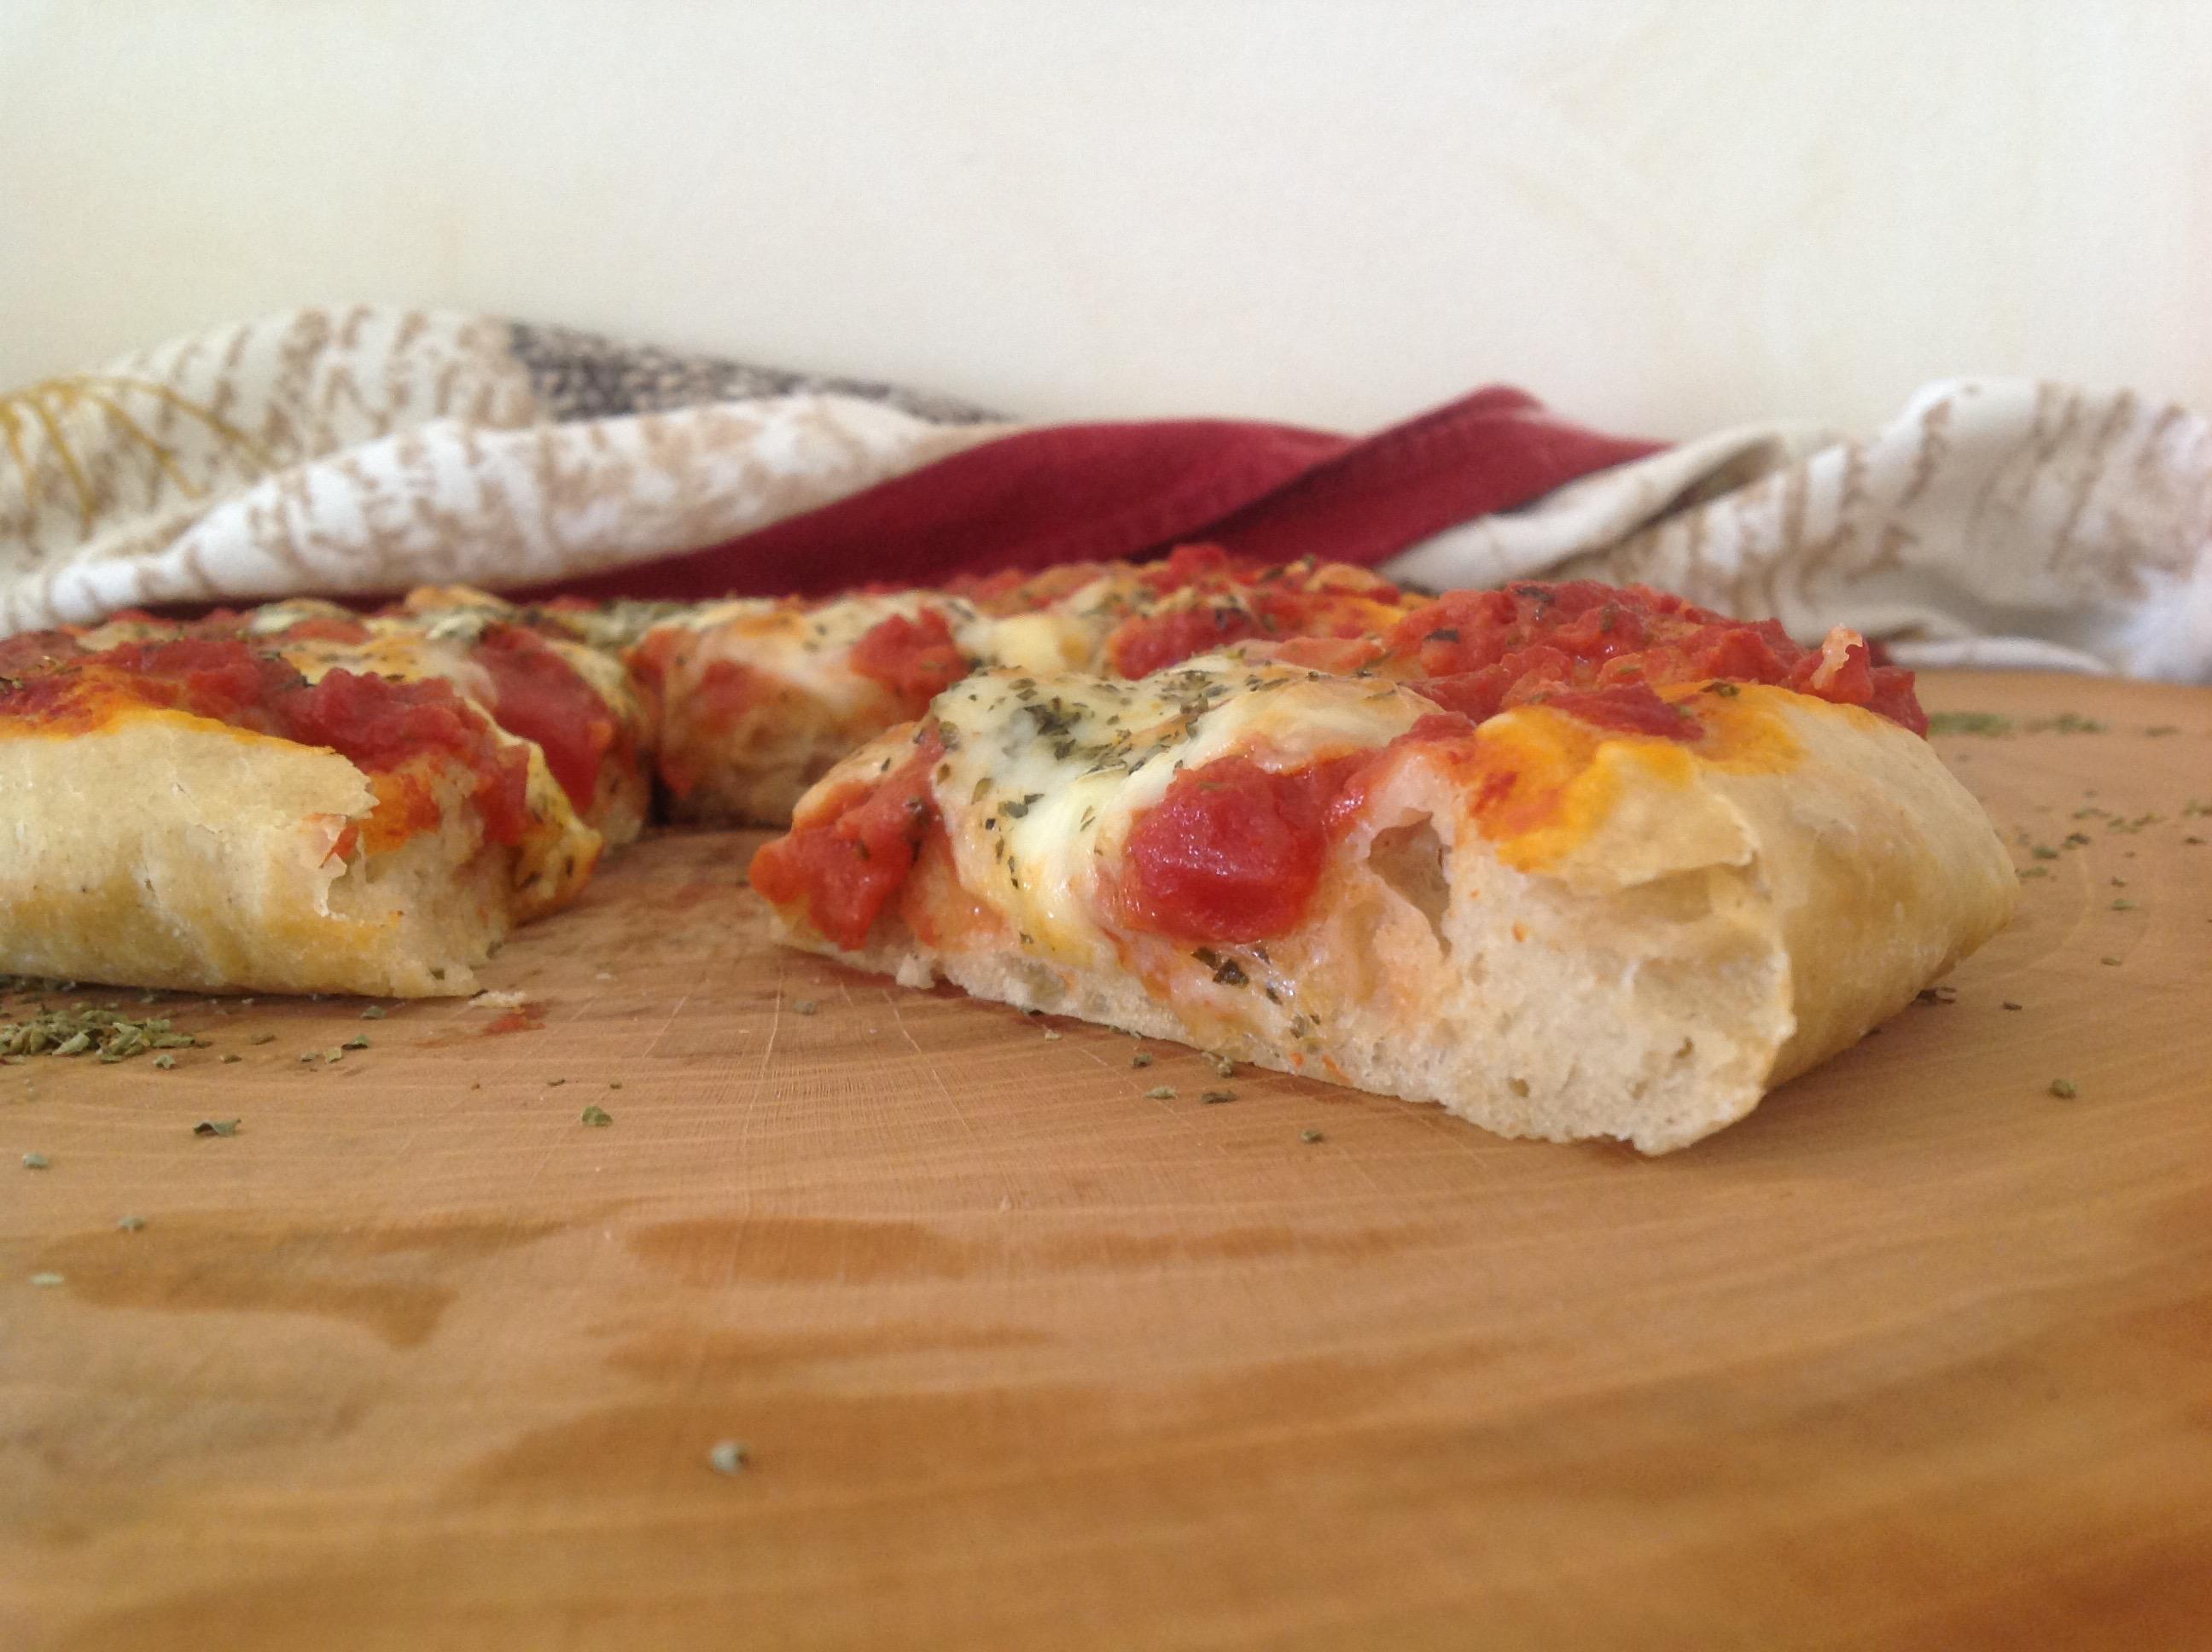 Ricetta Impasto Pizza A Lunga Lievitazione.Pizza Semintegrale A Lunga Lievitazione Le Ricette Per Gli Amici Del Pozzo Bianco